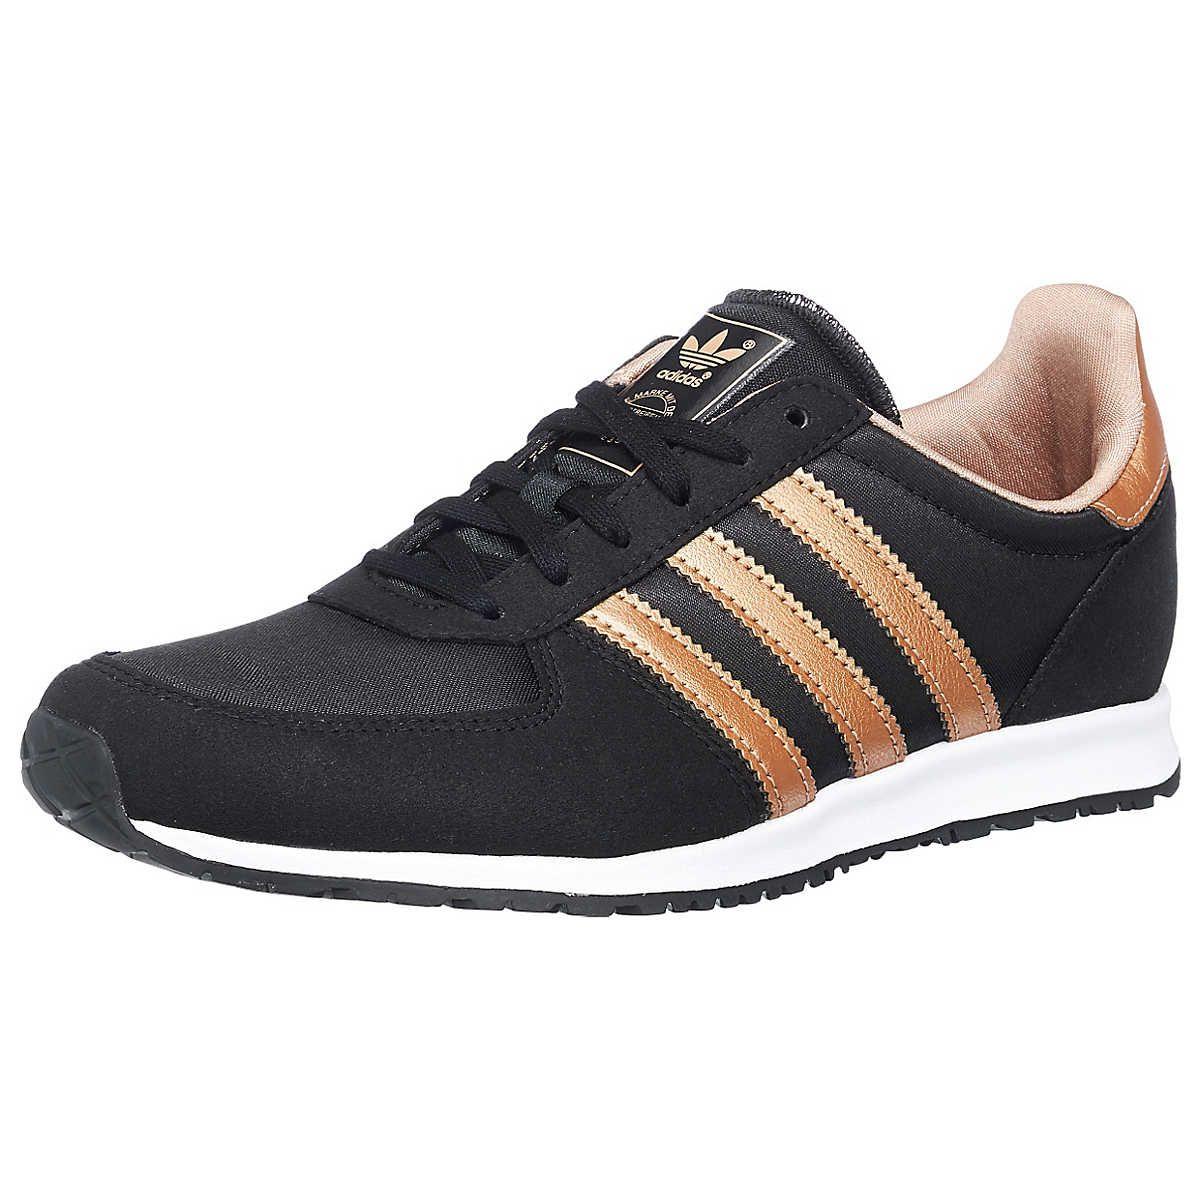 Sneakers günstig online kaufen ❤ tolle Auswahl bei mirapodo. ✓ Kauf auf  Rechnung ✓ Schnelle Lieferung ✓ Kostenloser Rückversand. 8884b41890